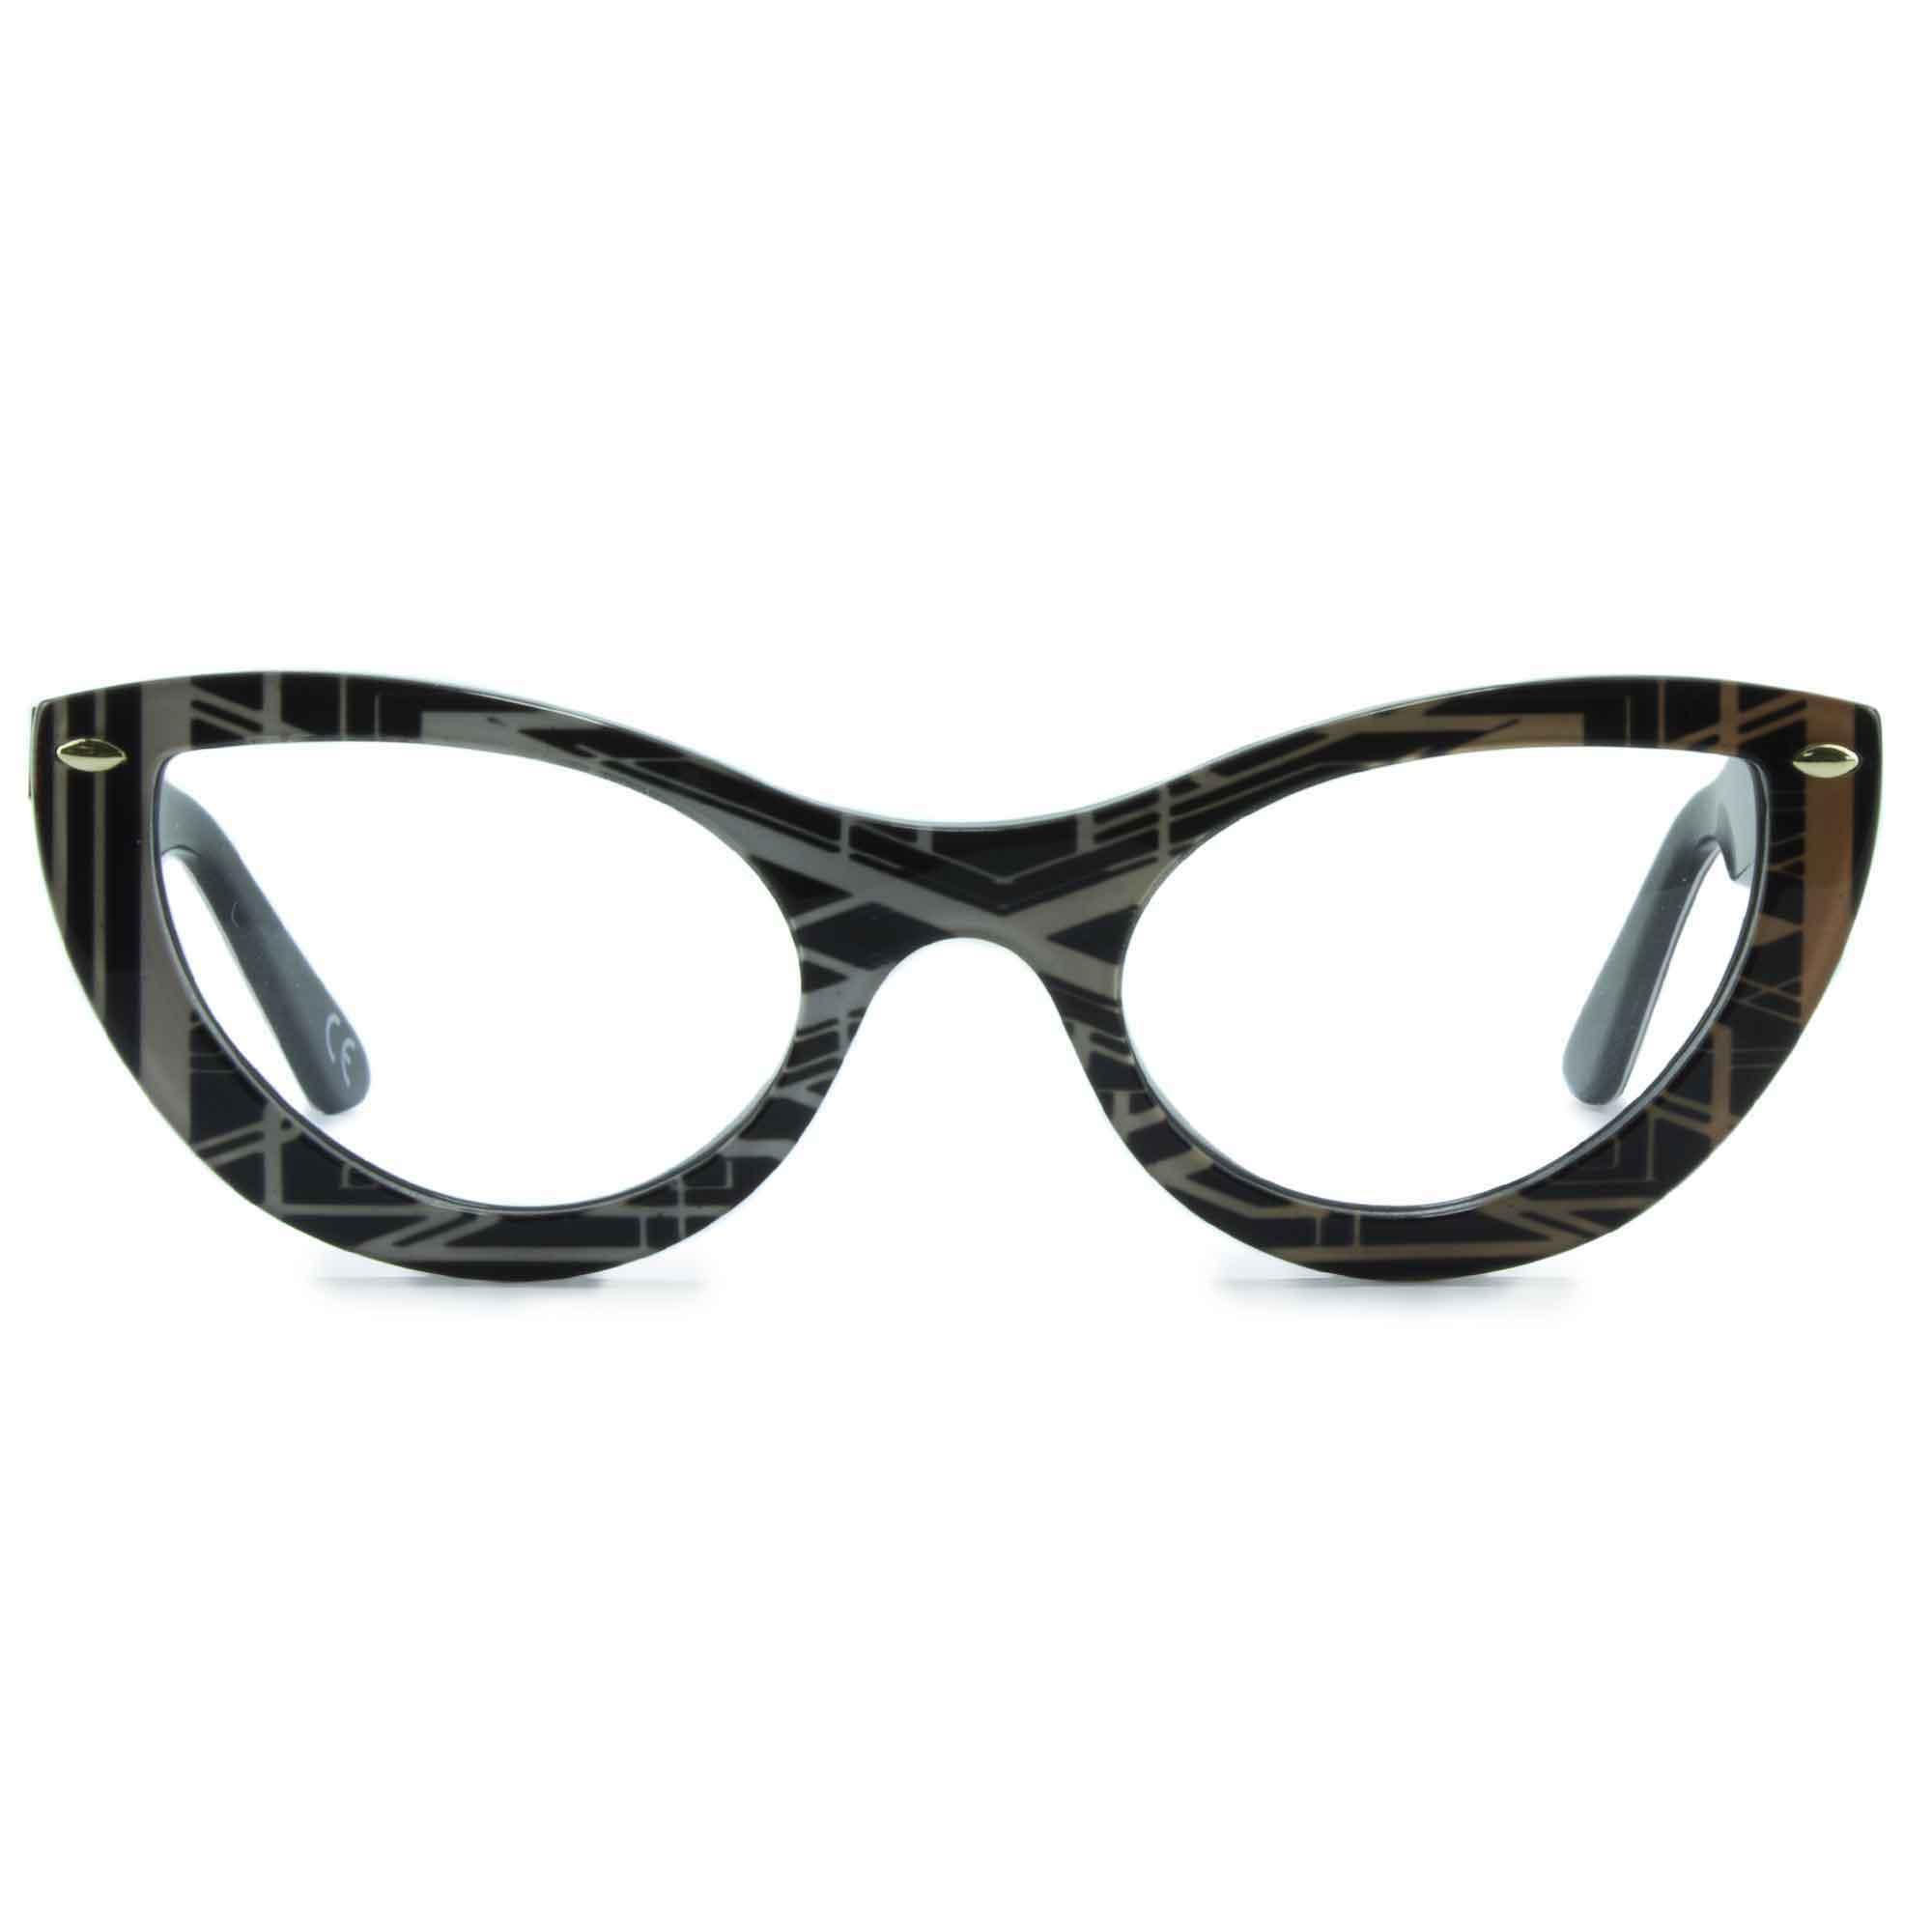 Glasses frames for women by JOIUSS model. Gatsby